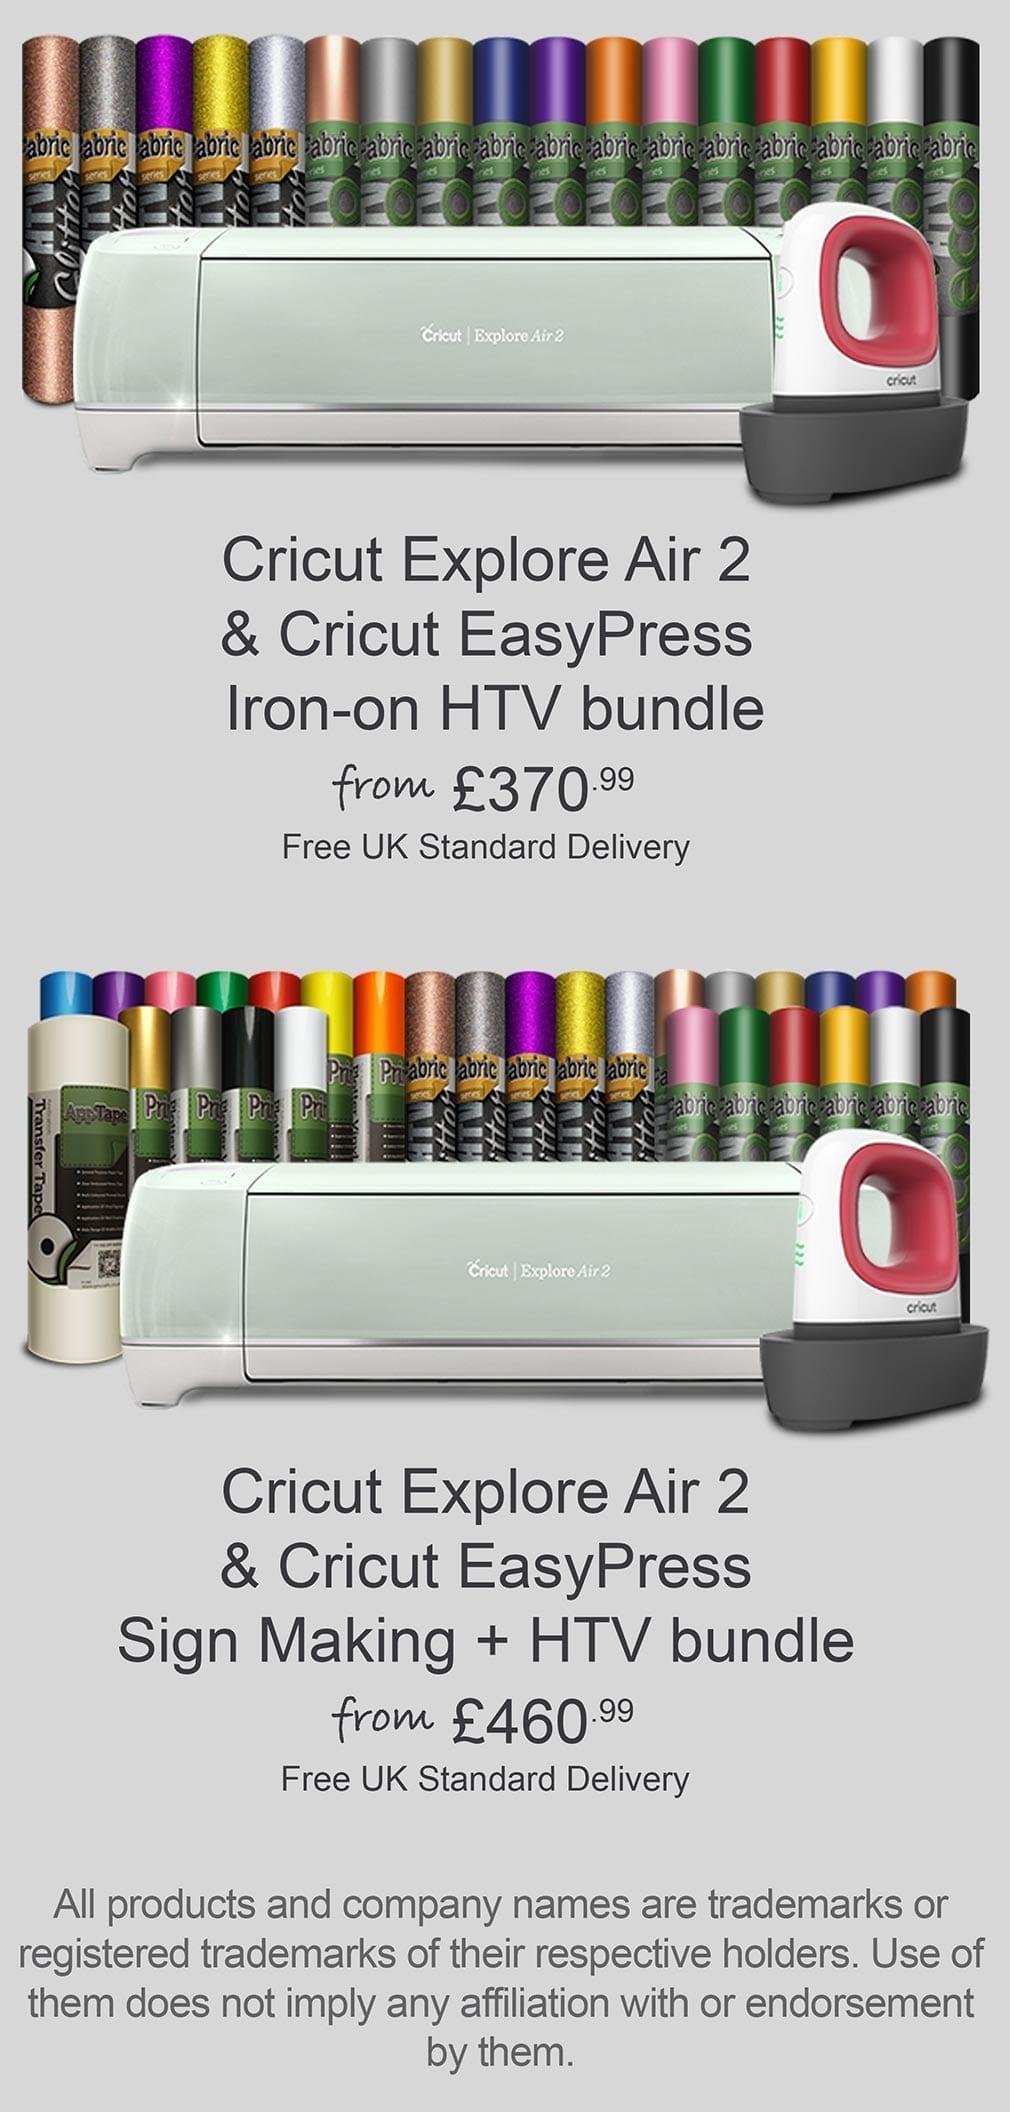 Mobile-Cricut-Explore-Air-2-Vinyl-Bundles-From-GM-Crafts-3